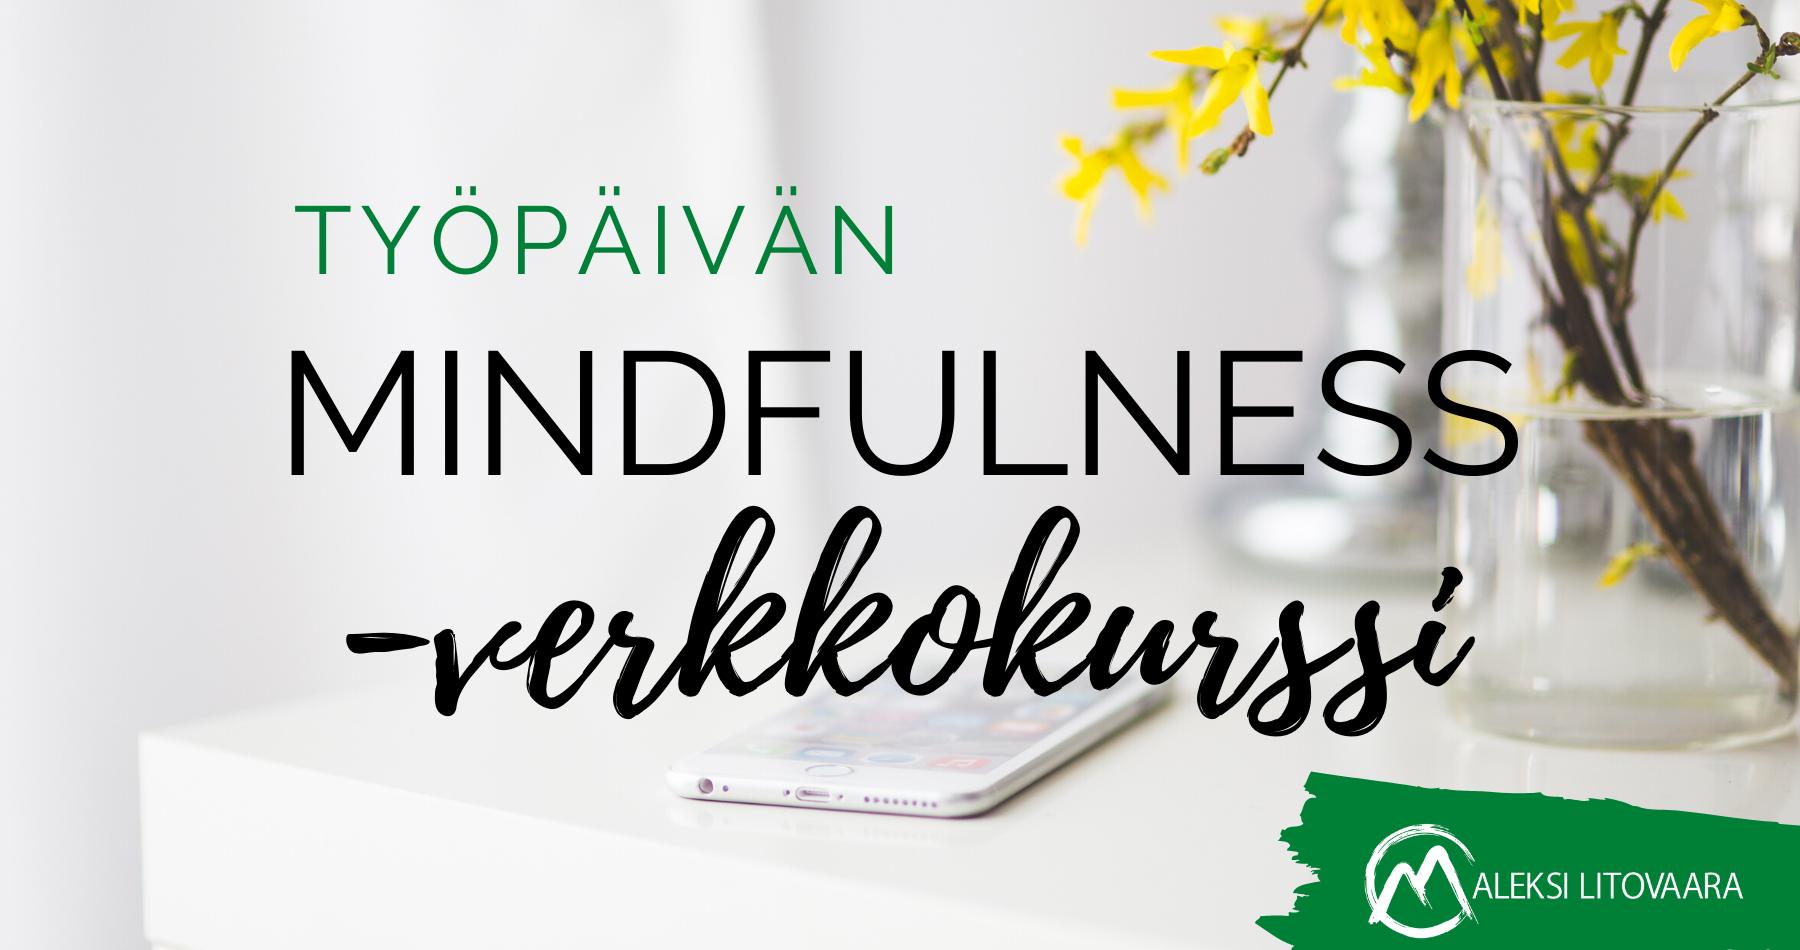 mindfulness työpäivä, mindfulness työkyky, mindfulness työpaikka, mindfulness suorituskyky, mindfulness työyhteisö, mindfulness organisaatio, mindfulness yritys, mindfulness, mindfulnes, mindfulness kurssi, mindfulness-kurssi, mindfulnes kurssi, mindfulnes-kurssi, mindfulness verkkokurssi, mindfulness-verkkokurssi, mindfulnes verkkokurssi, mindfulnes-verkkokurssi, mindfulnes, tietoisuustaidot, läsnäolo, tietoisuustaito, mbsr, meditaatio, tietoinen hyväksyvä läsnäolo, mindfulness-harjoitus, mindfulness-meditaatio, mindfulness-työ, mindfulness työ, mindfulness työpaikalla, mindfulness-työpaikalla, mindfulness työssä, mindfulness johtaja, mindful leader, mindful esimies, mind ful, mind fullness, mindfullness, mindfulness kurssi, työhyvinvointi, mindfulness kirja, stressinhallinta, mindfulness harjoitukset, keskittyminen, mindfulness työpaikalla, mindfulness mobiilisovellus, mindfulness app, valmennus, coaching, yksilöcoaching, tiimicoaching, työnohjaus, ryhmätyönohjaus, workshop, luento, tyhy-päivä, tyky-päivä, asahi-health, reiki, naurujooga, firstbeat, itsemyötätunto, mindful self-compassion, msc, myötätunto, valkojäkälä, 8 viikon mindfulness-verkkokurssi, työpäivän mindfulness-verkkokurssi